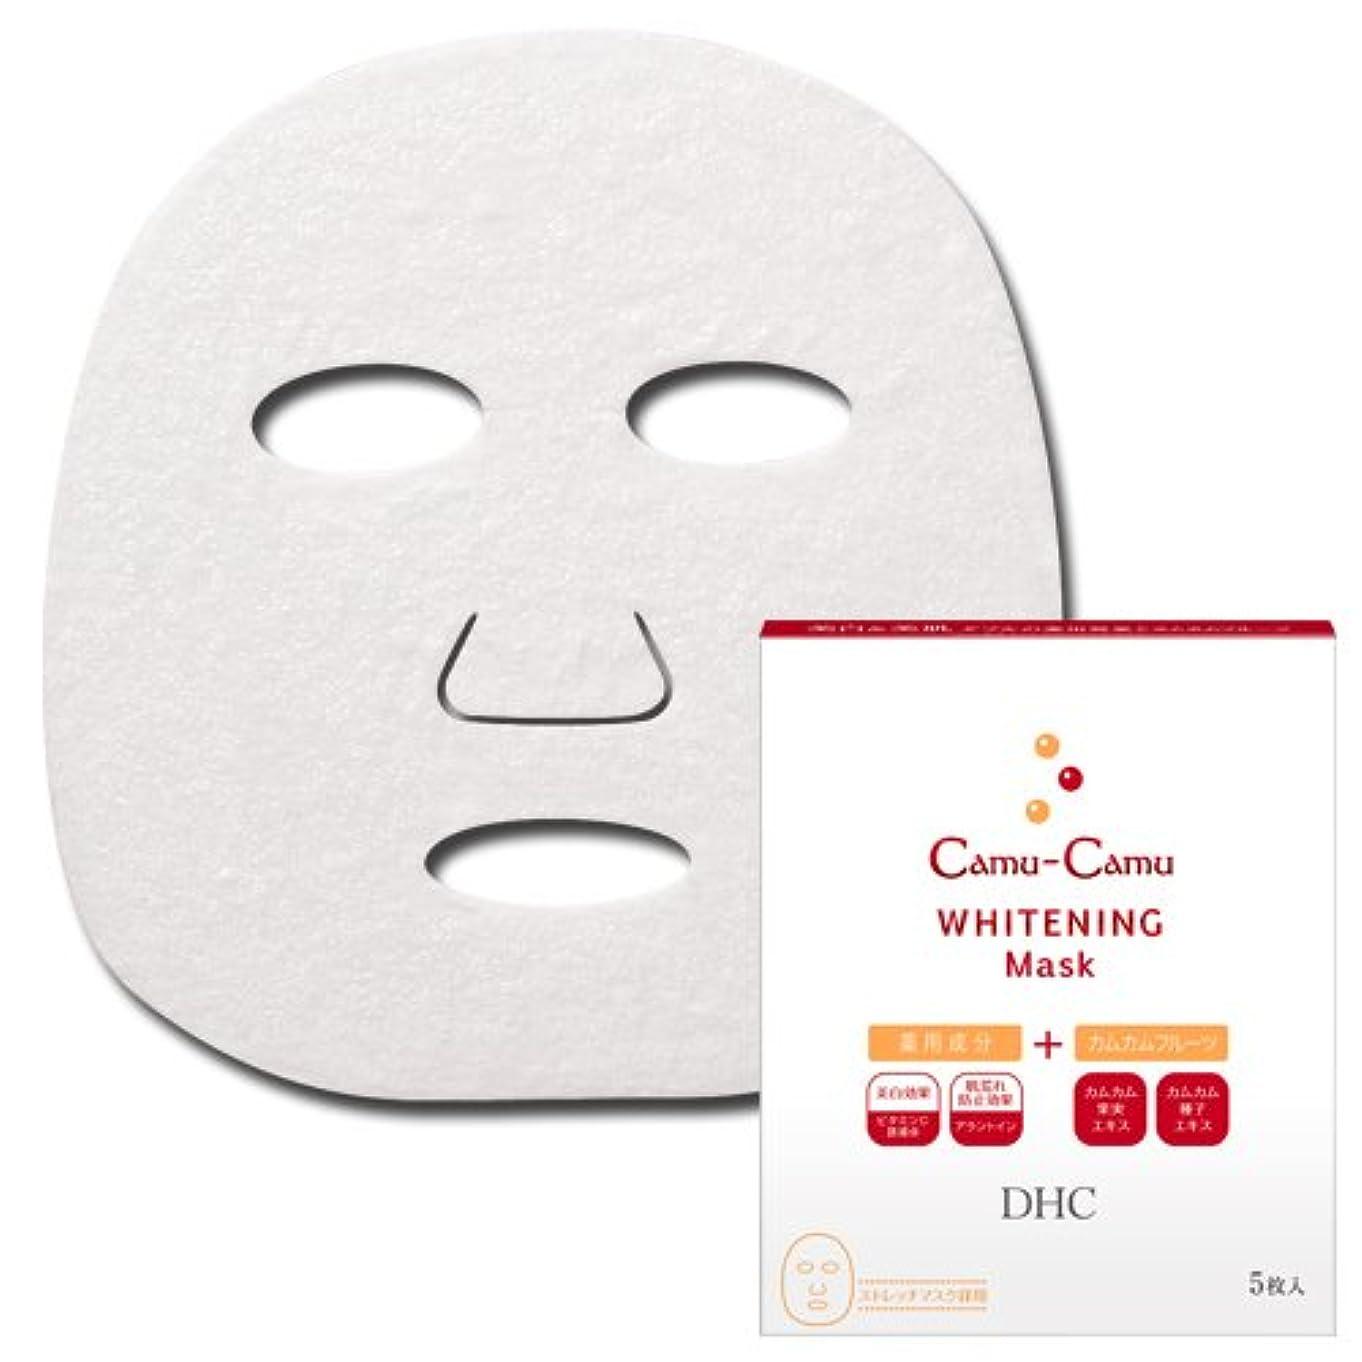 全部汚れる復活する【医薬部外品】DHC薬用カムCホワイトニングマスク[5枚入]